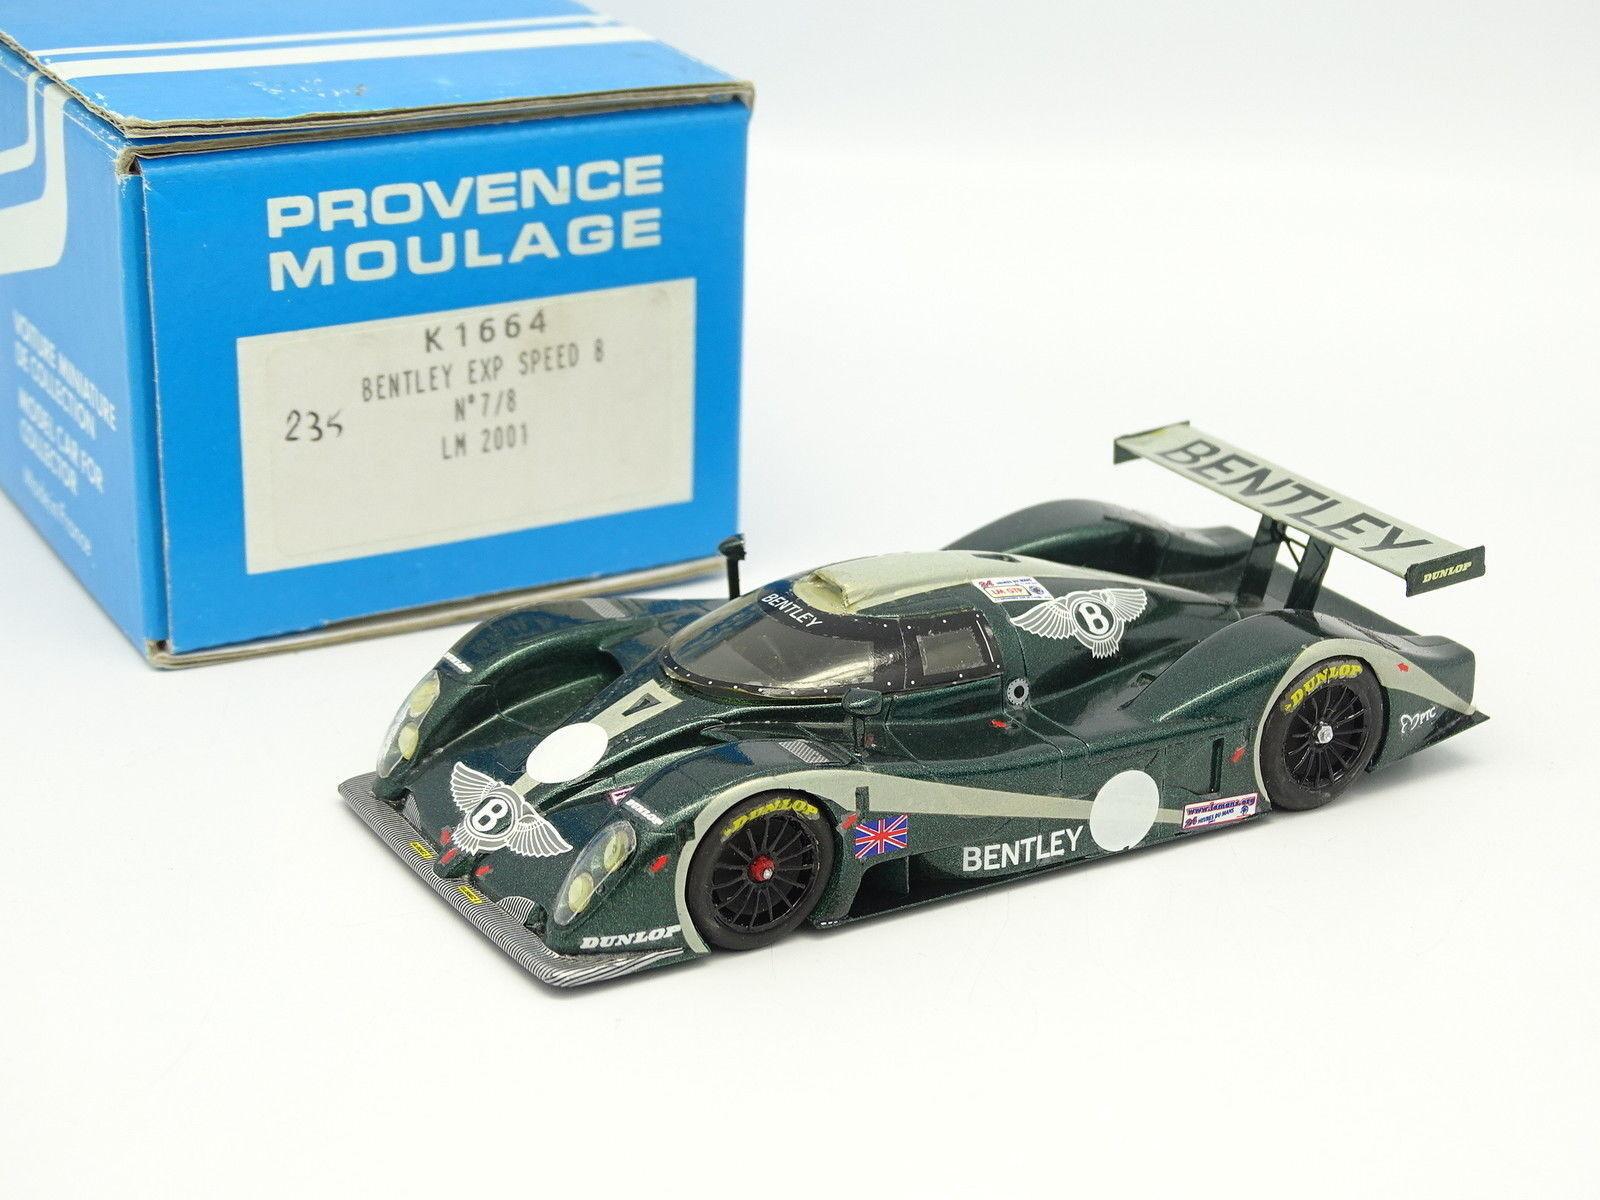 Provence Moulage Kit Monté 1 43 - Bentley EXP Speed 8 Le Mans 2001 N°7 8